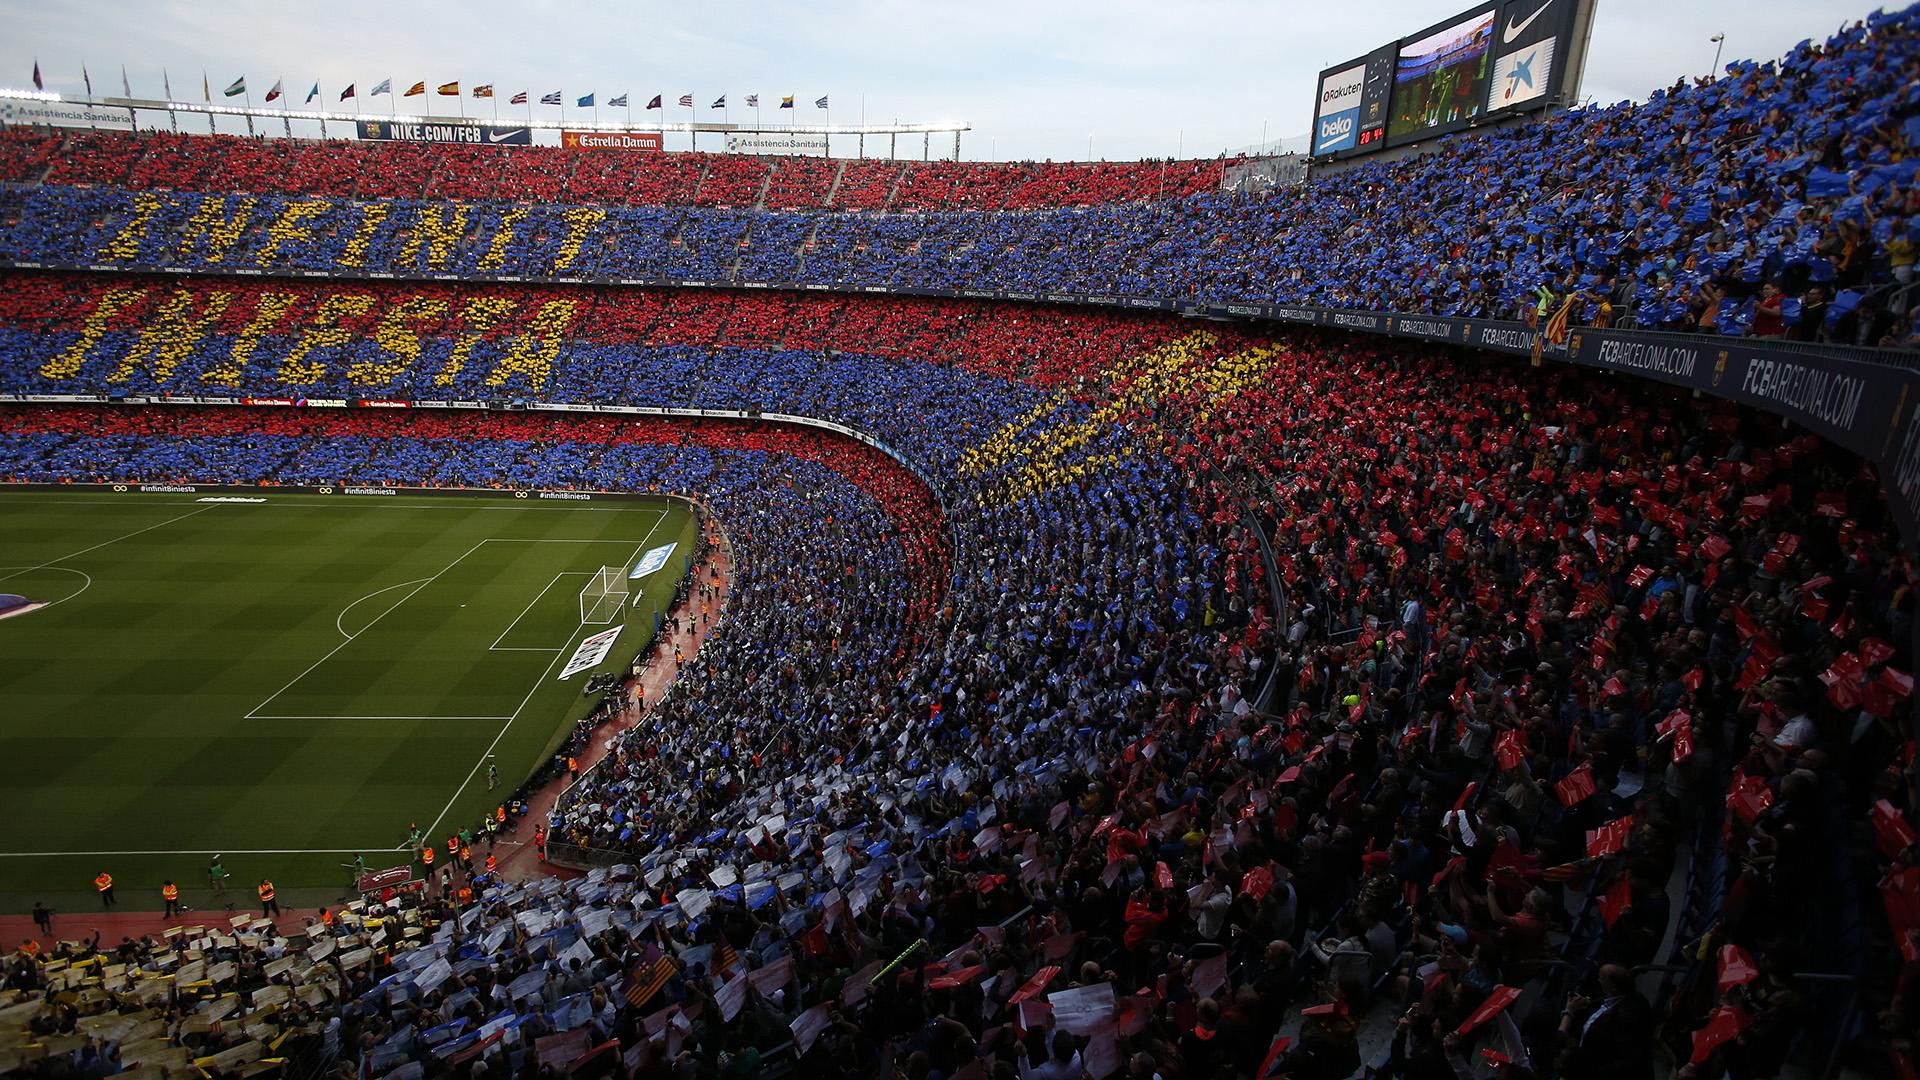 El mosico gigante que cubrió todo el Camp Nou